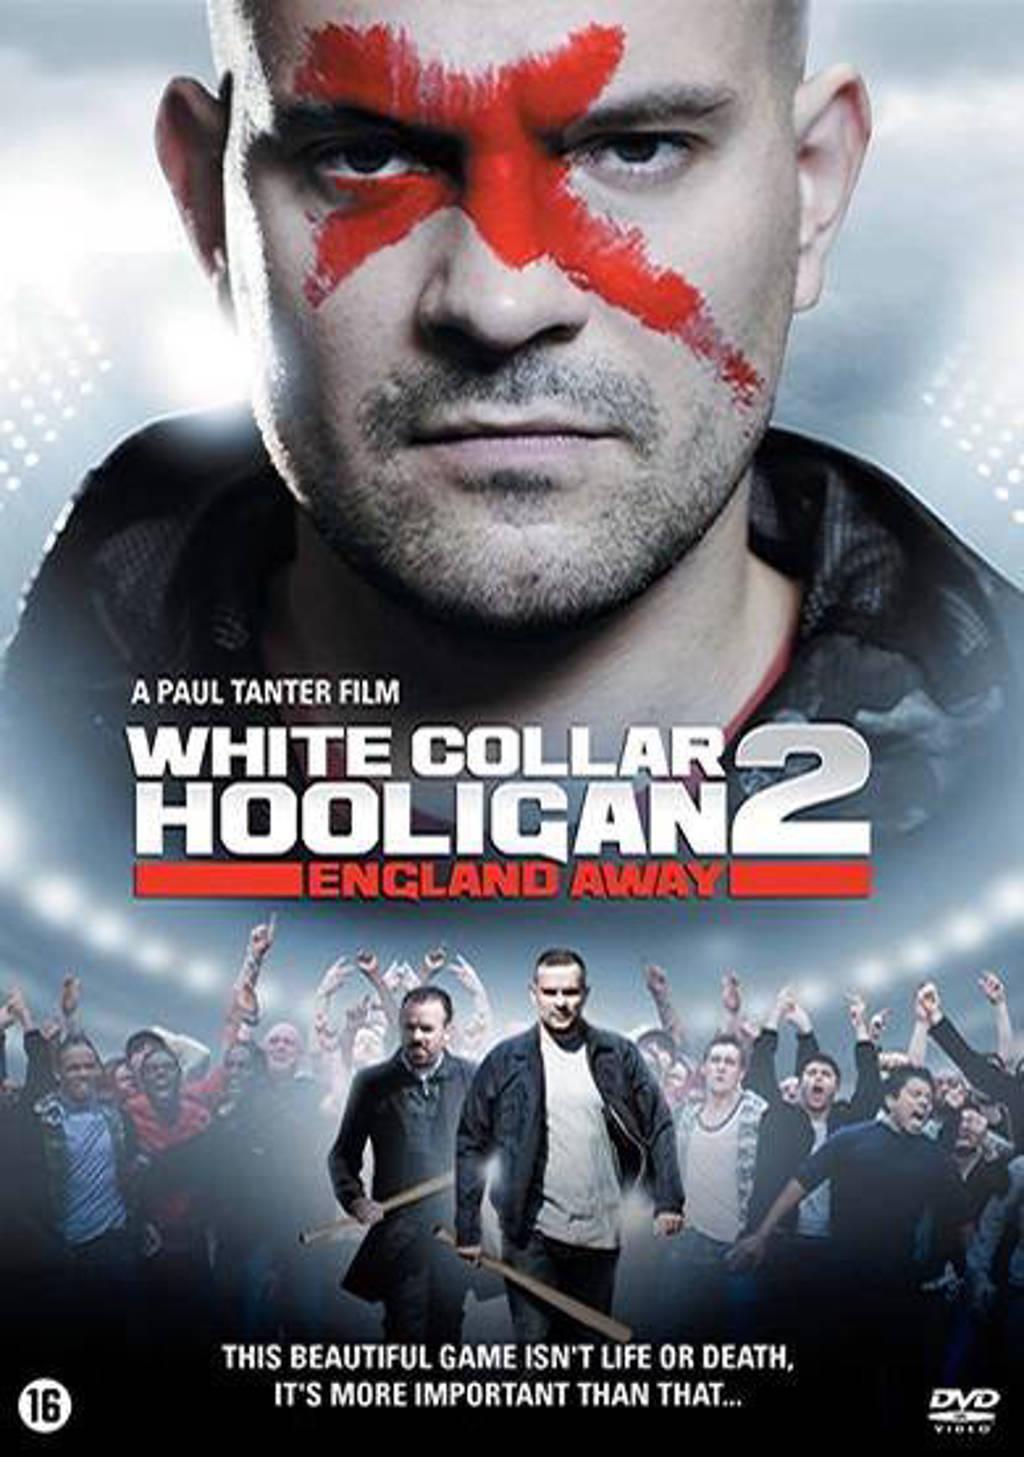 White collar hooligan 2 (DVD)